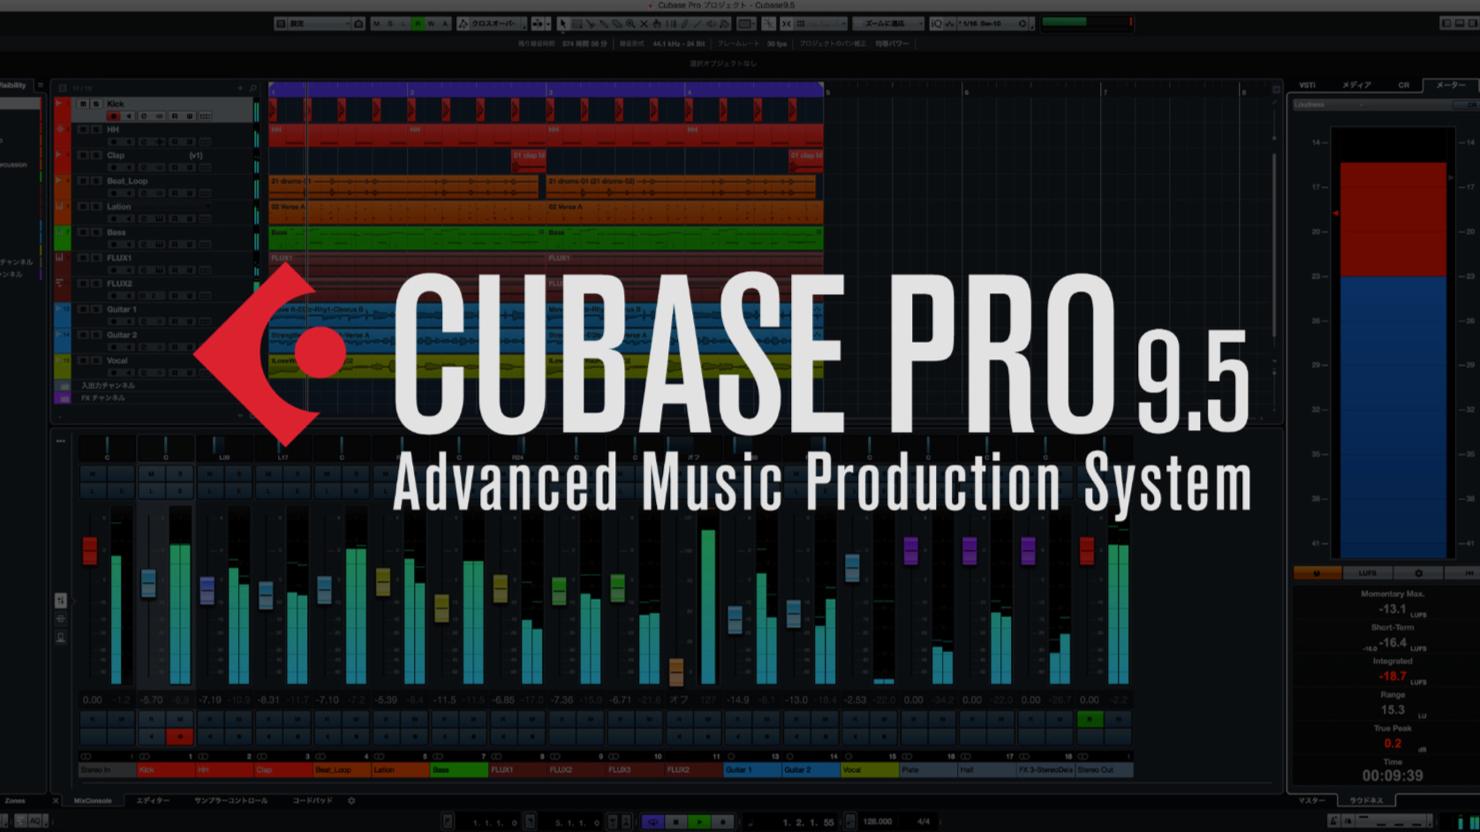 SONARユーザーに向けてCubase Pro 9.5を半額で購入できる優待販売をアナウンス